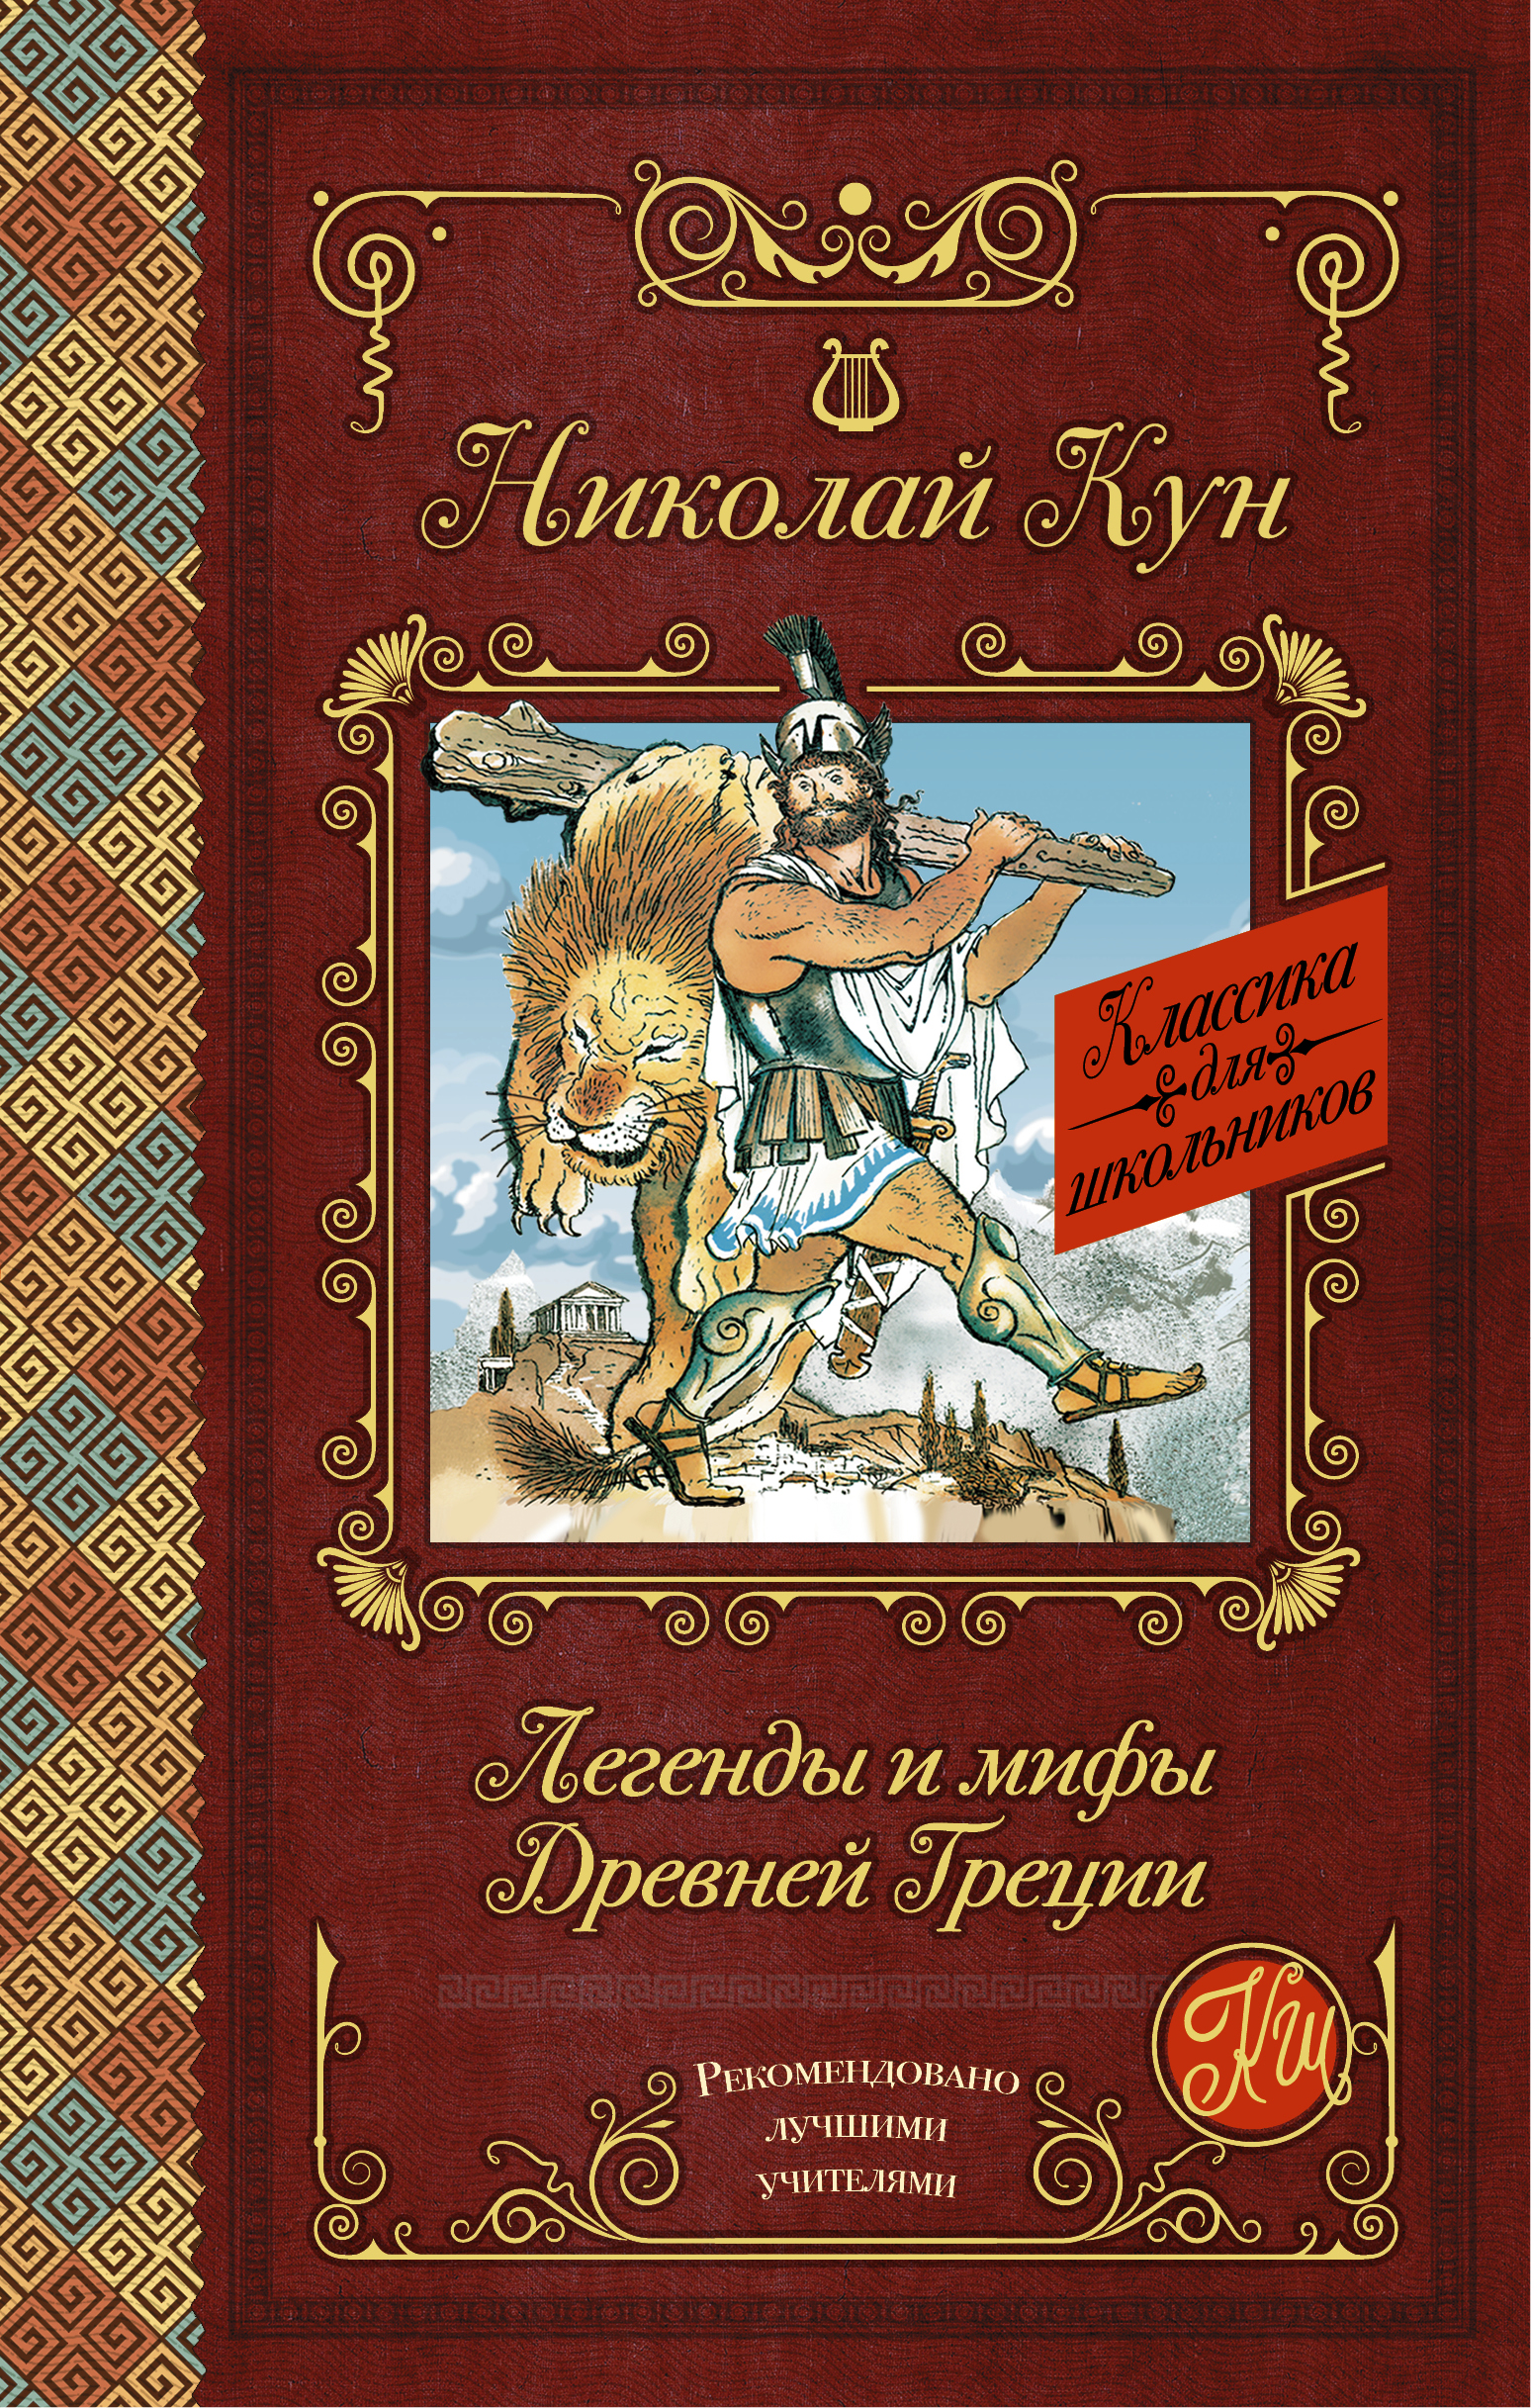 Кун Н.А. Легенды и мифы Древней Греции мифы древней греции и древнего рима